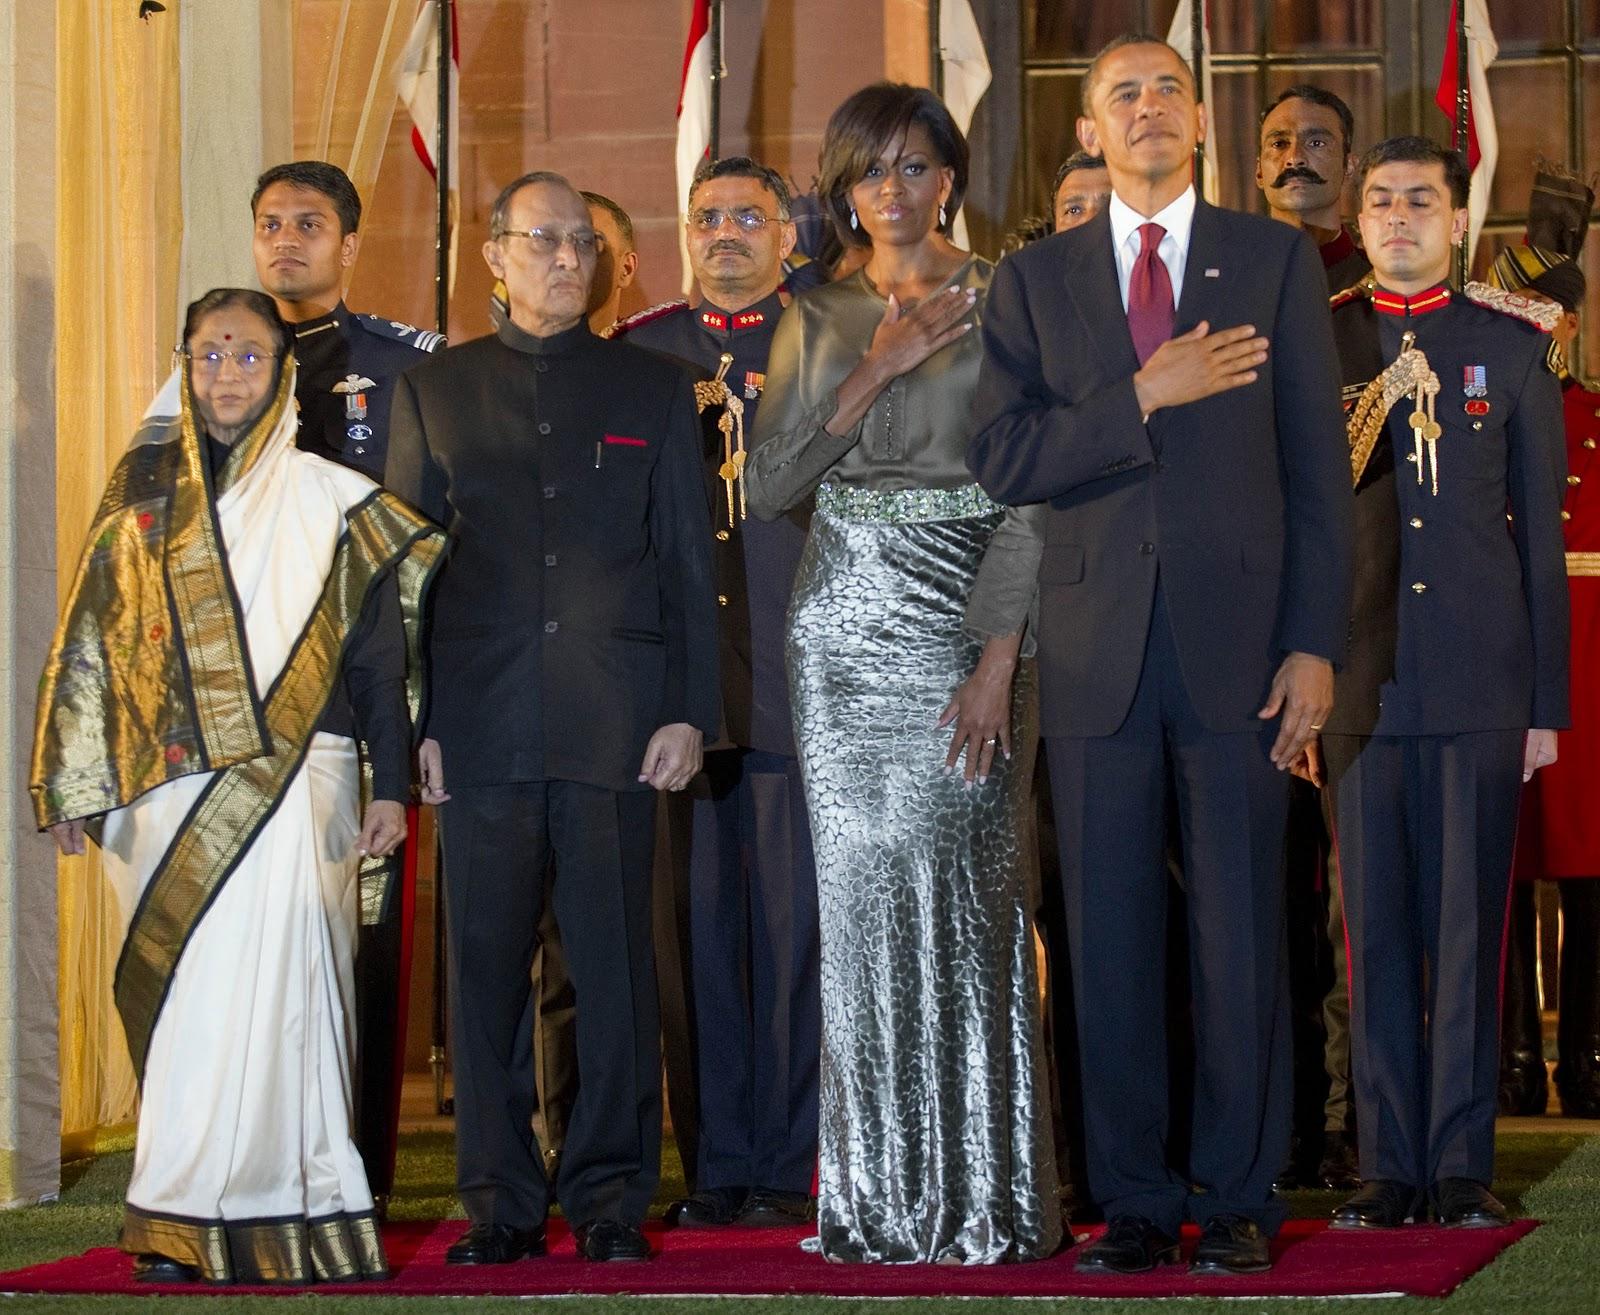 http://4.bp.blogspot.com/_tHQ1gA2brsc/TNloI_g6fZI/AAAAAAAAGkQ/BZ32uBXg924/s1600/michelle-obama-rachel-roy-dune-velvet-skirt-state-dinner-india-president-barack-obama-glamazons-blog.jpg